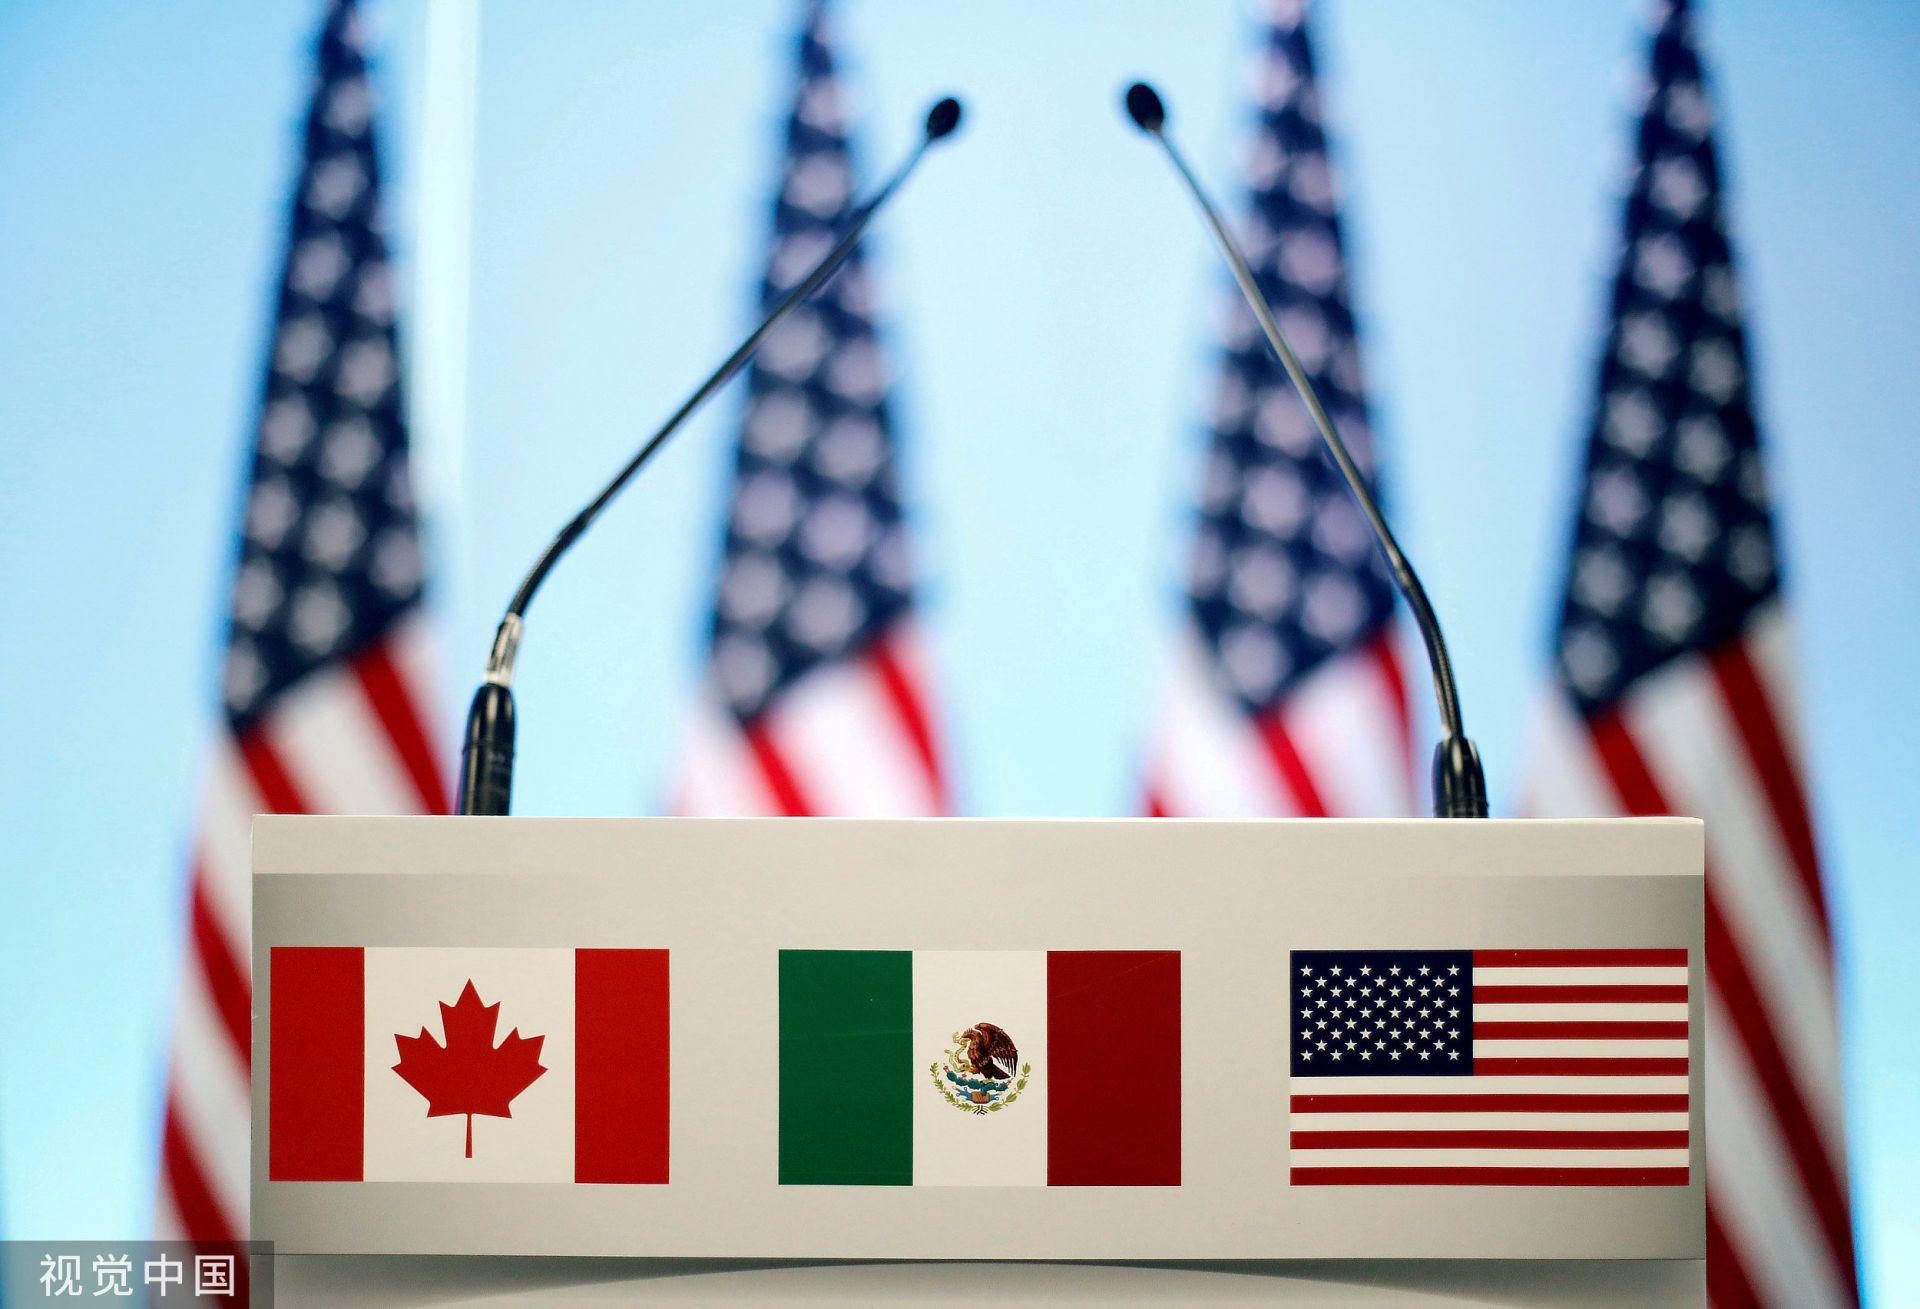 参考日历|历史上的8月12日:北美自贸协定签署